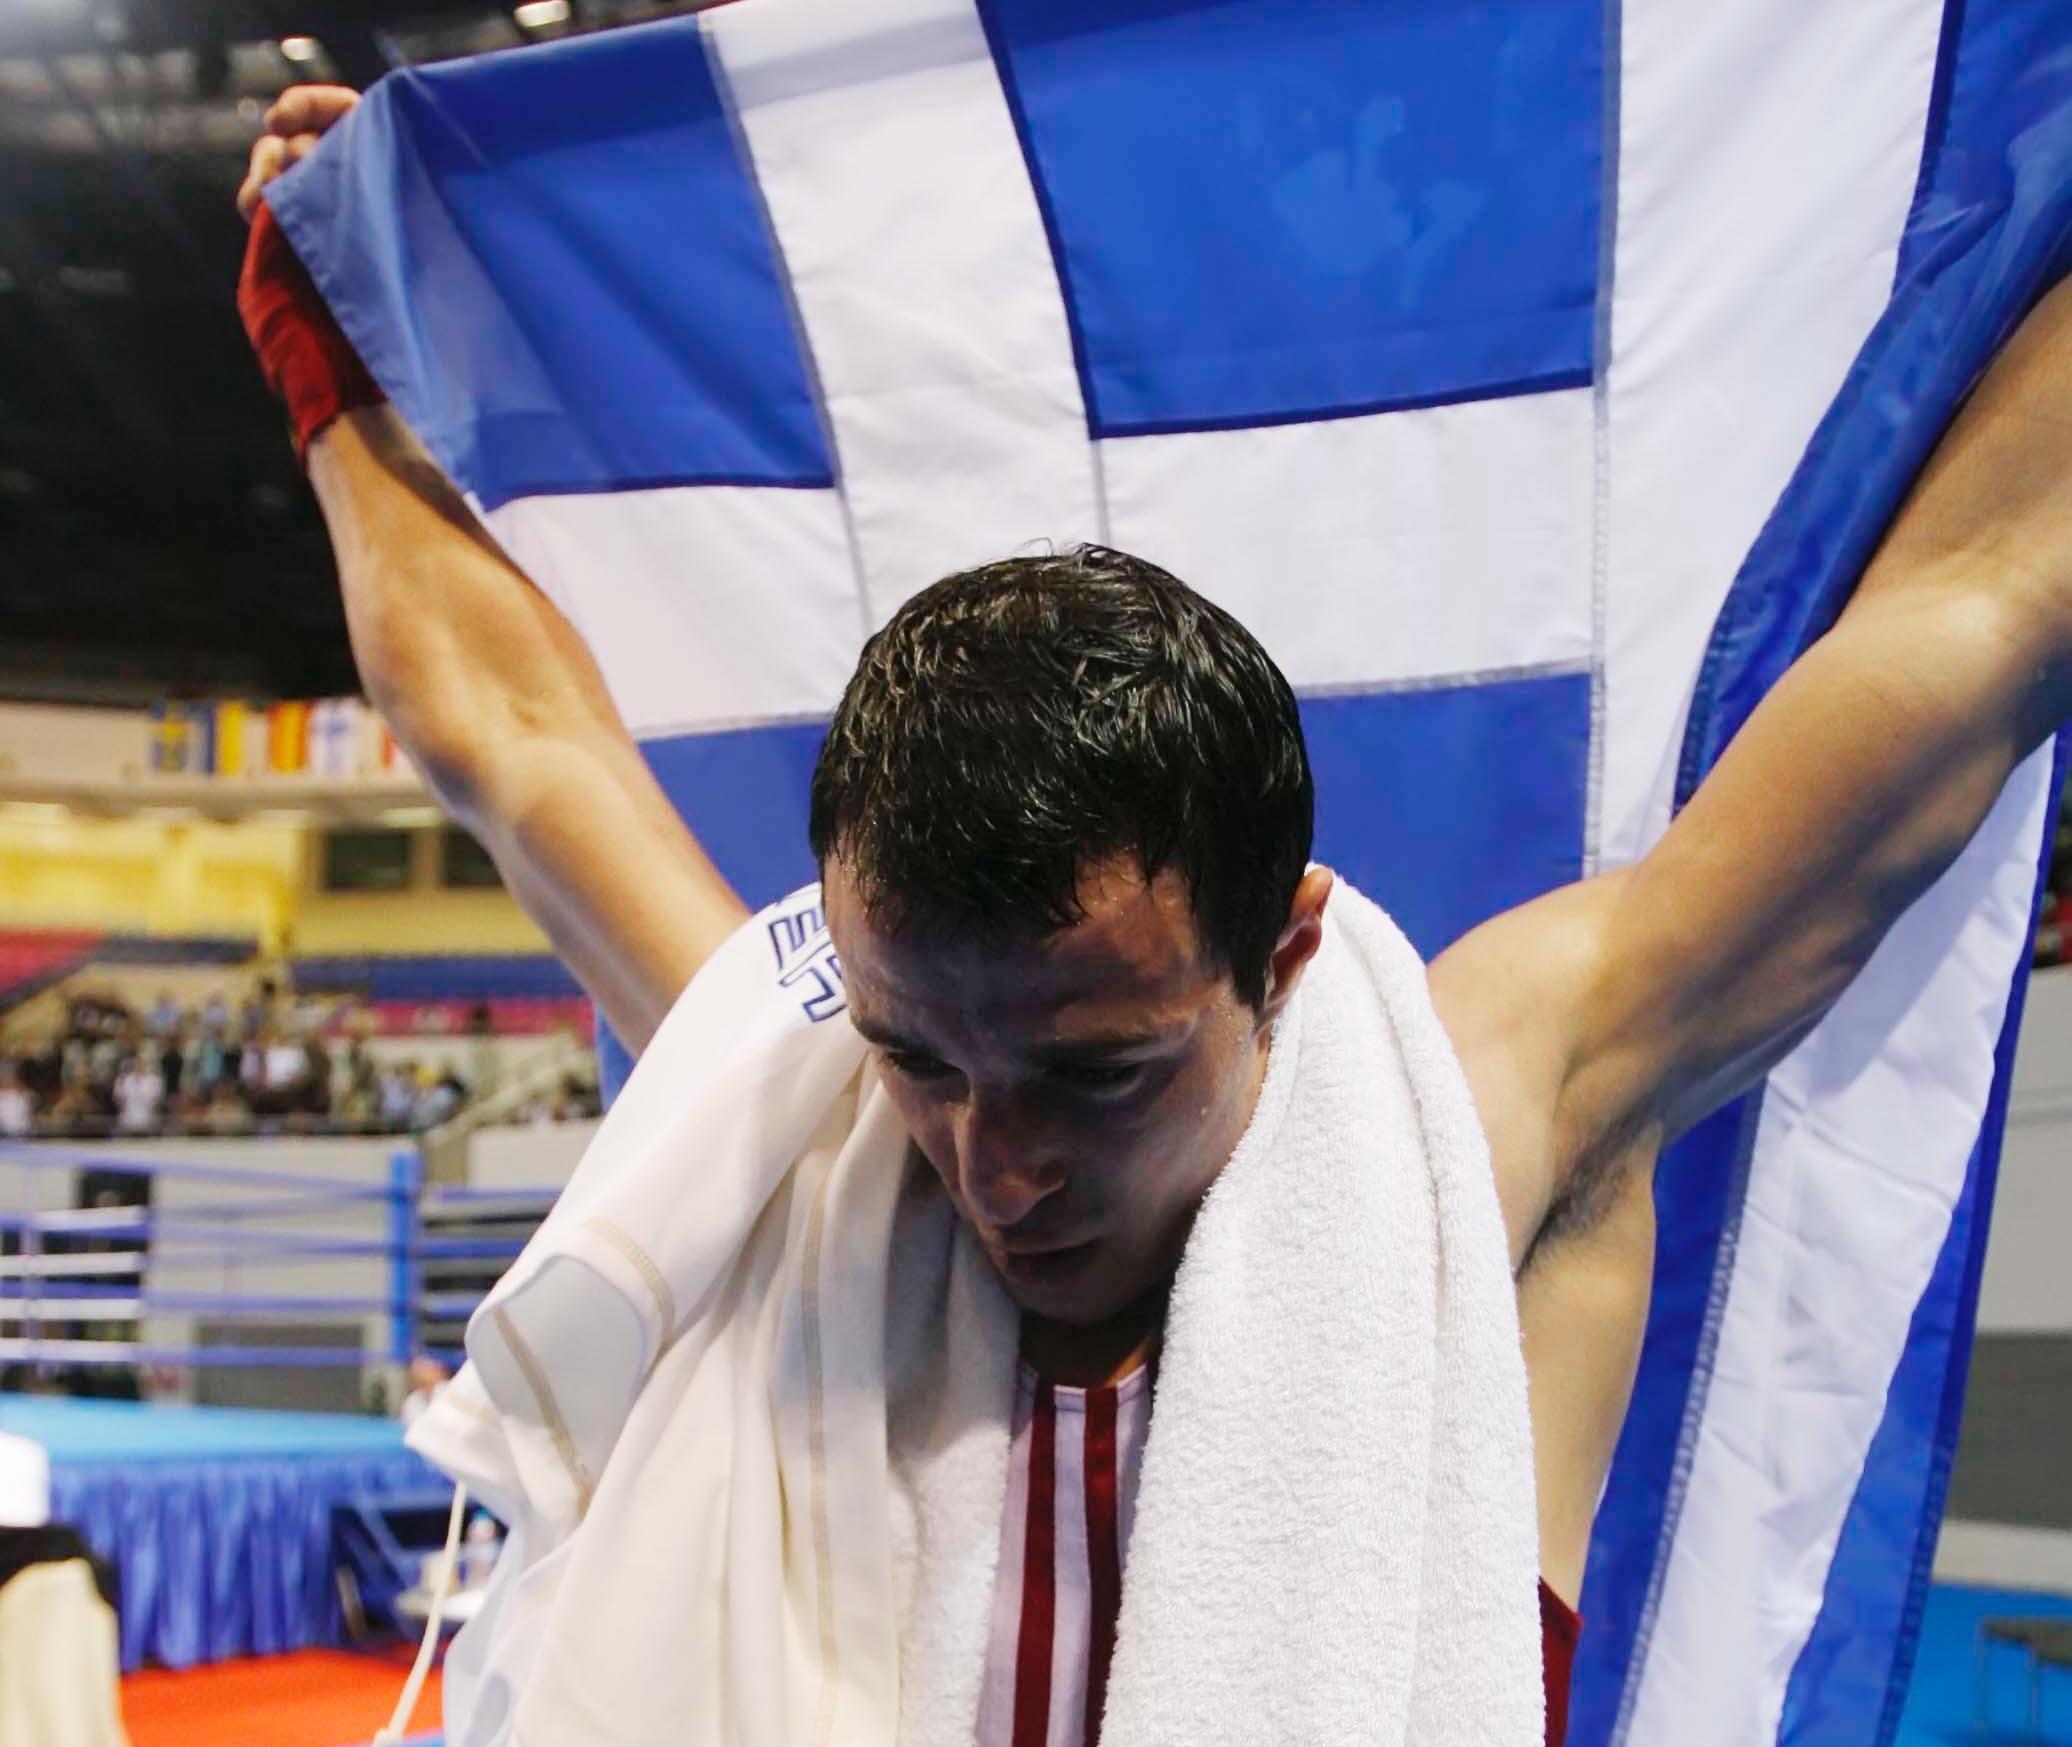 Τάσος Μπερδέσης: Κορυφαίος πυγμάχος στον Παναθηναϊκό, είχε χάσει λόγω σύλληψης τους Ολυμπιακούς Αγώνες